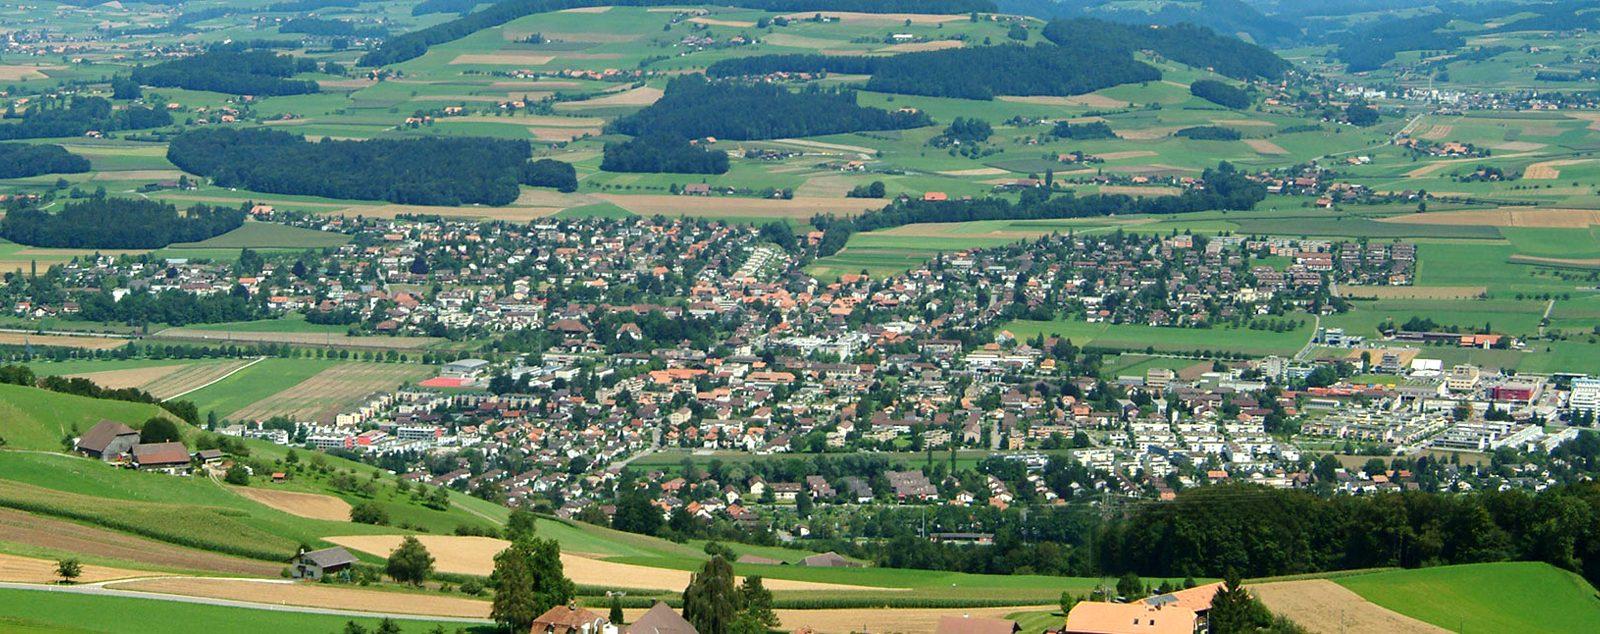 Münsingen ist seit Langem eine energiepolitisch ambitionierte Gemeinde mit zahlreichen, wesentlichen Weichenstellungen.